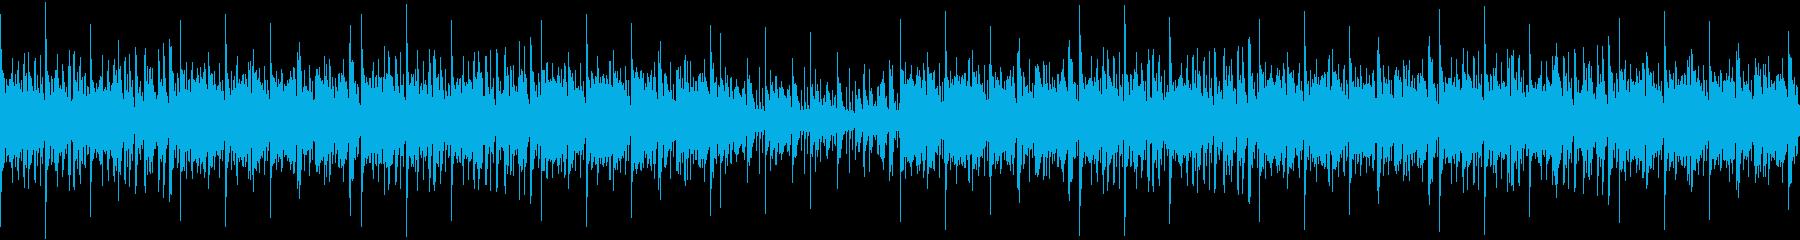 154bpm、E-Maj_16ビートの再生済みの波形